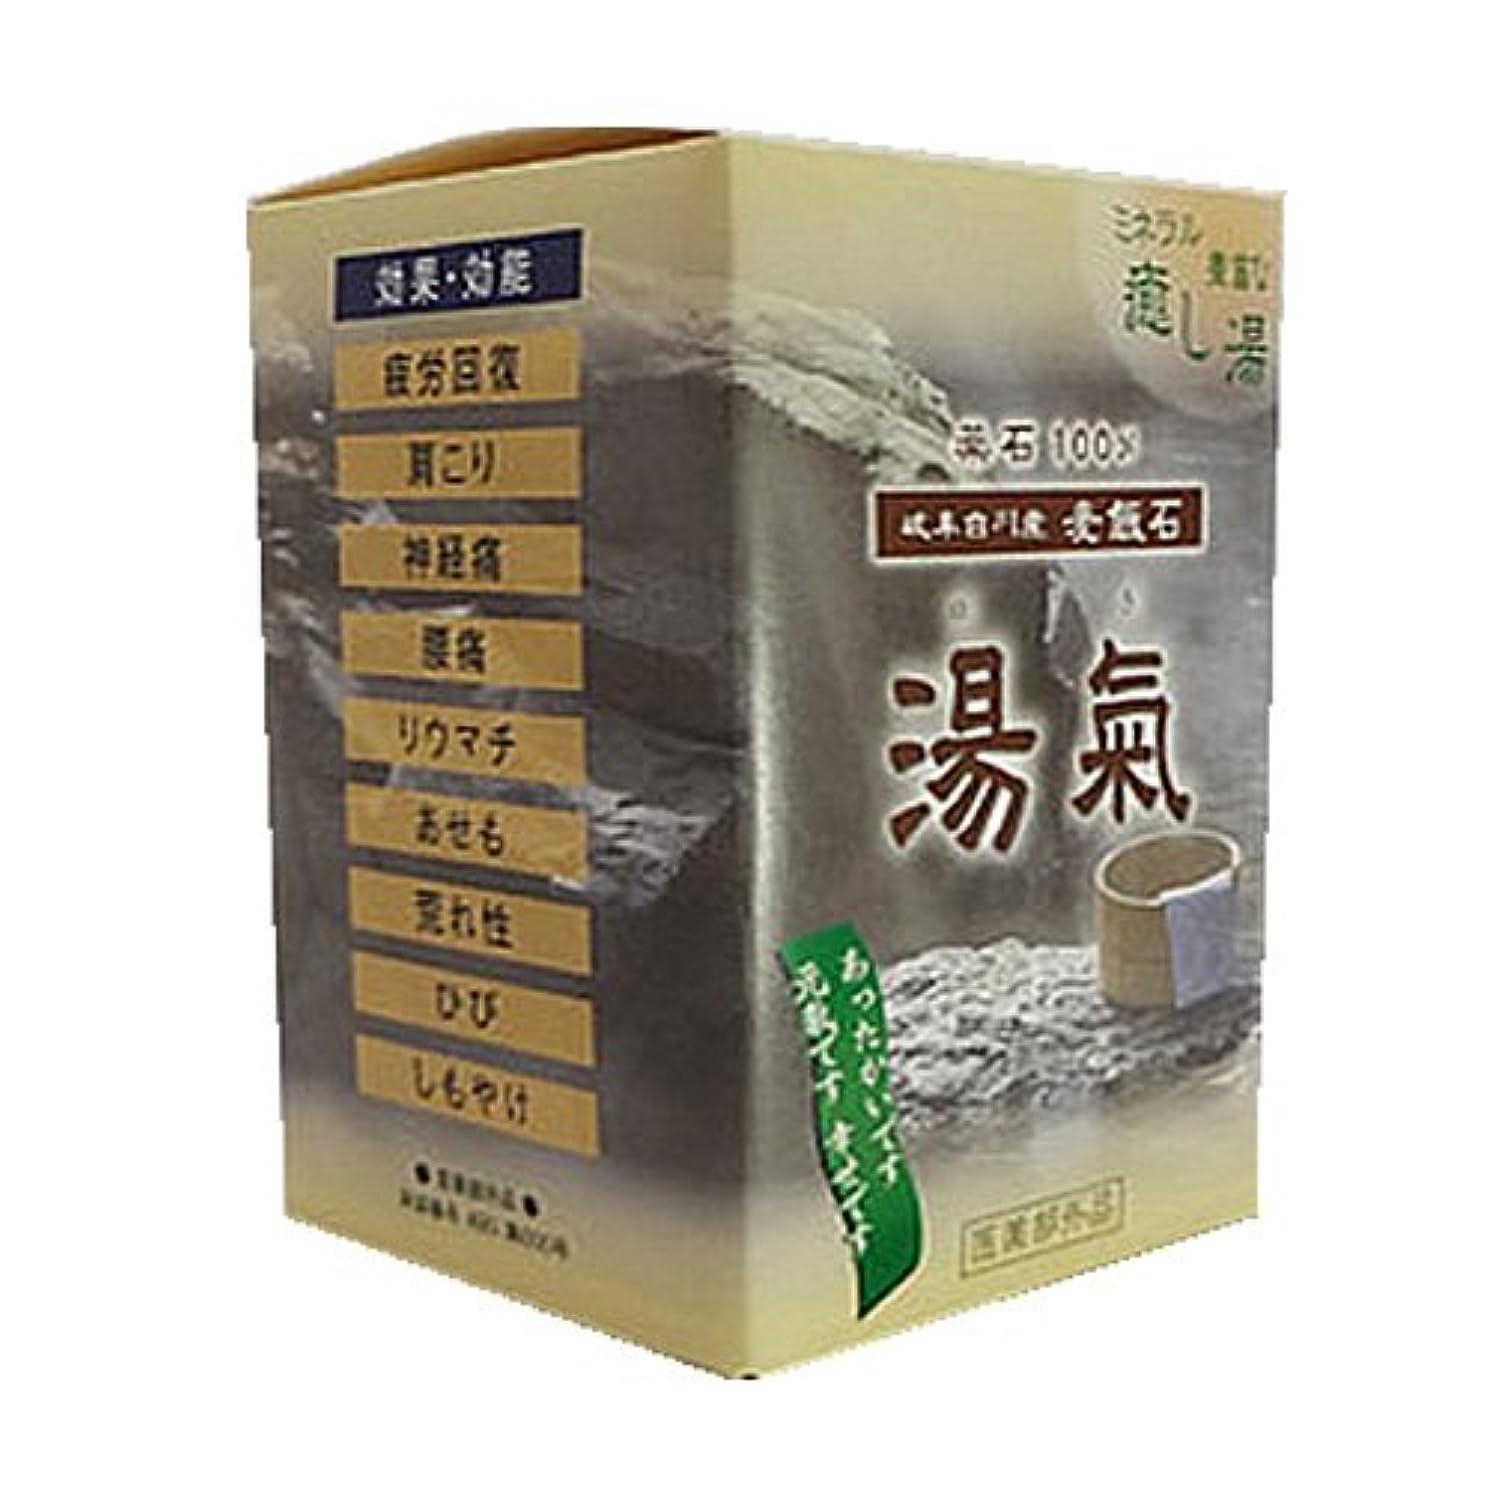 仲介者間違いなく教会医薬部外品 岐阜白川産麦飯石 湯気(ゆき) K11781